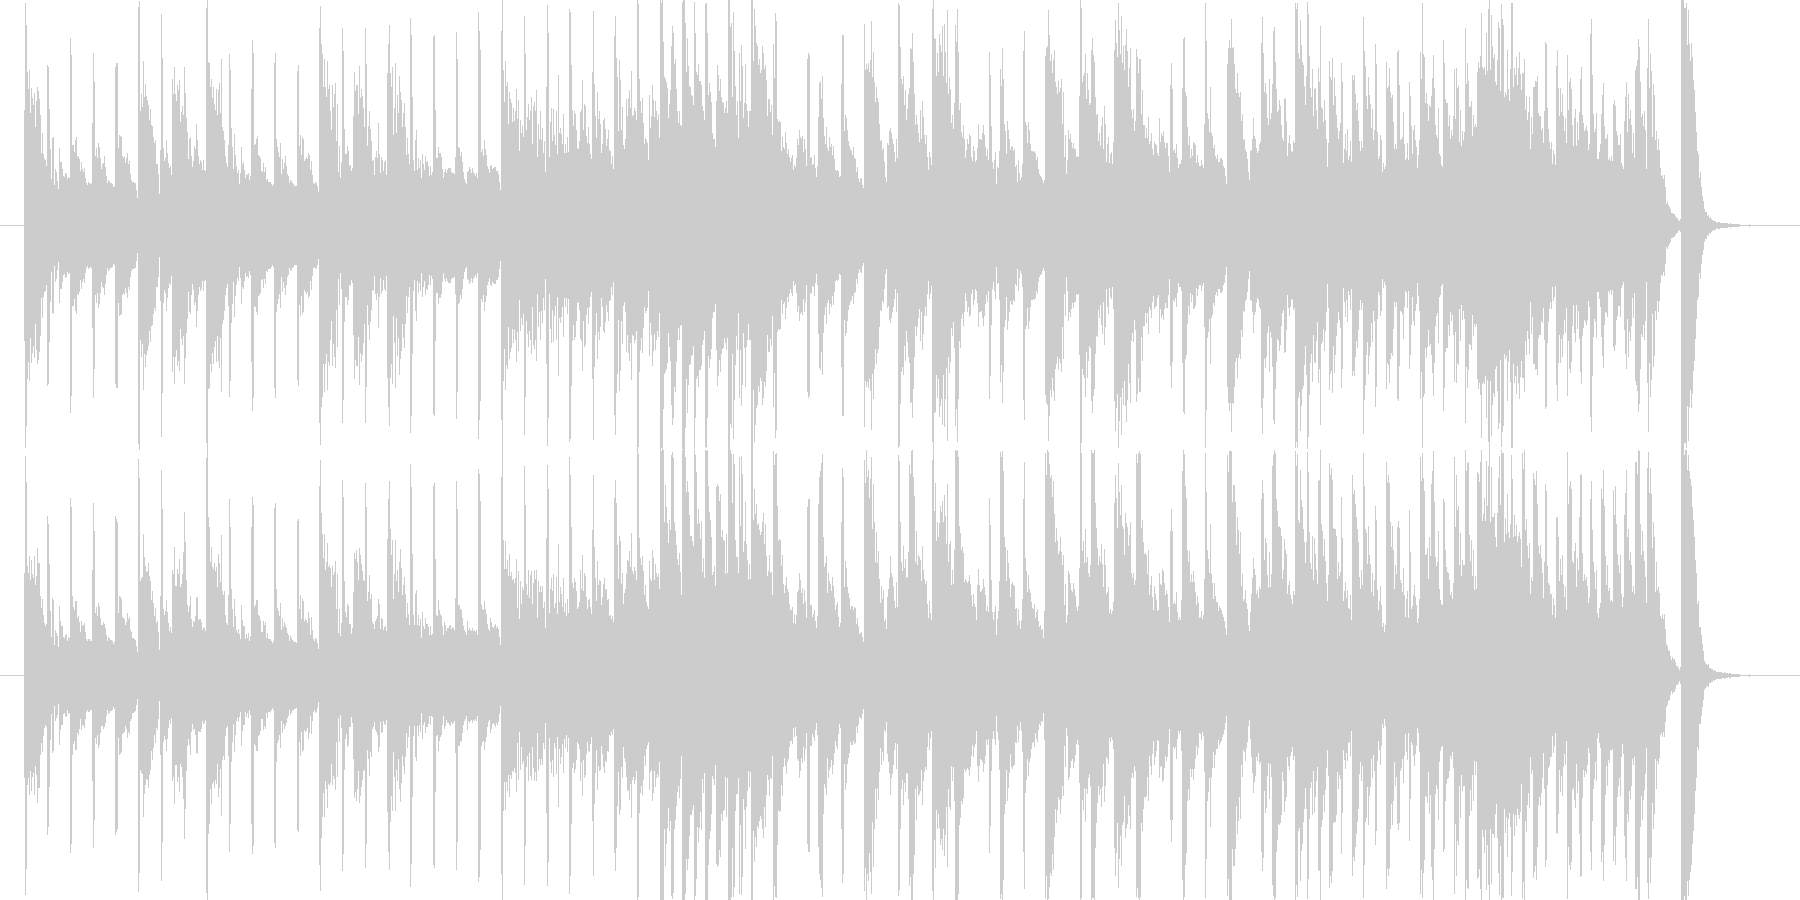 ピアノとドラムだけの曲ですの未再生の波形